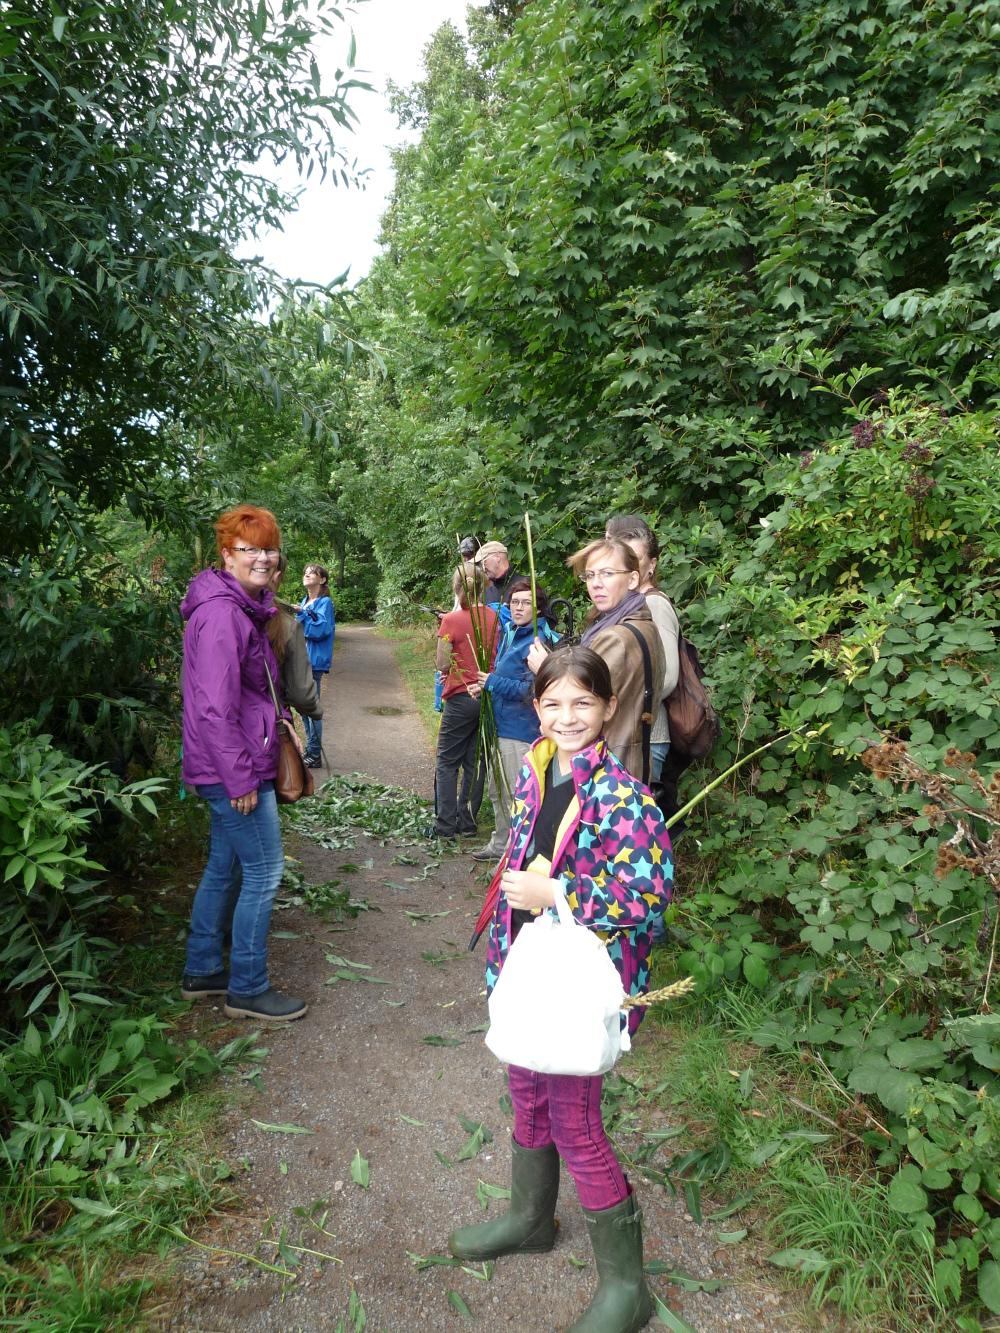 Wildkräuter und Heilpflanzen sammeln